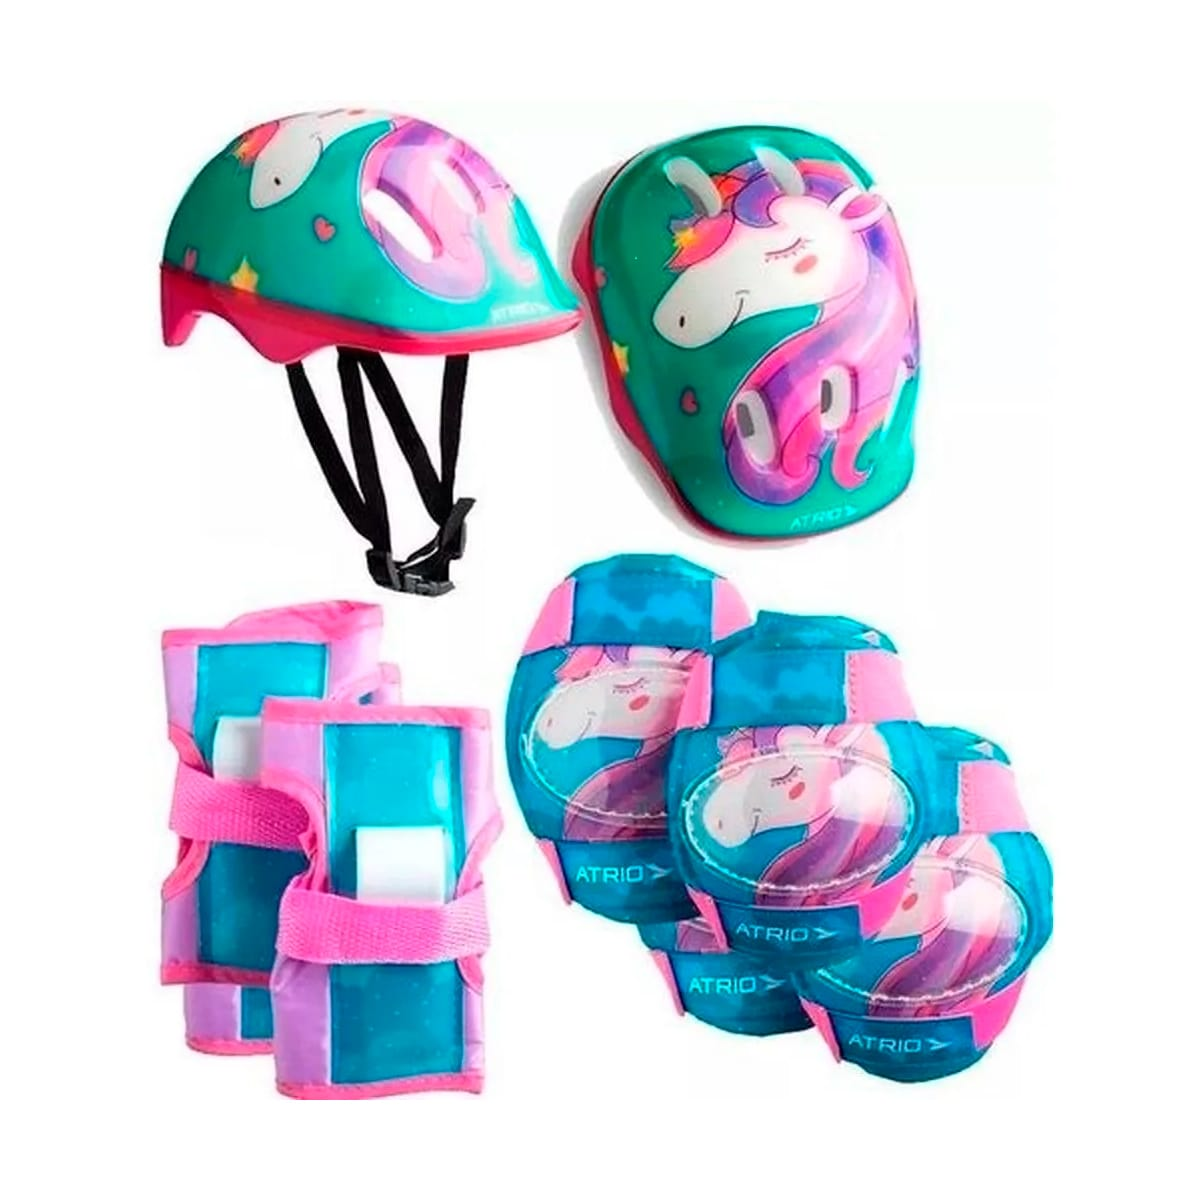 Kit Proteção Infantil Atrio Com Capacete